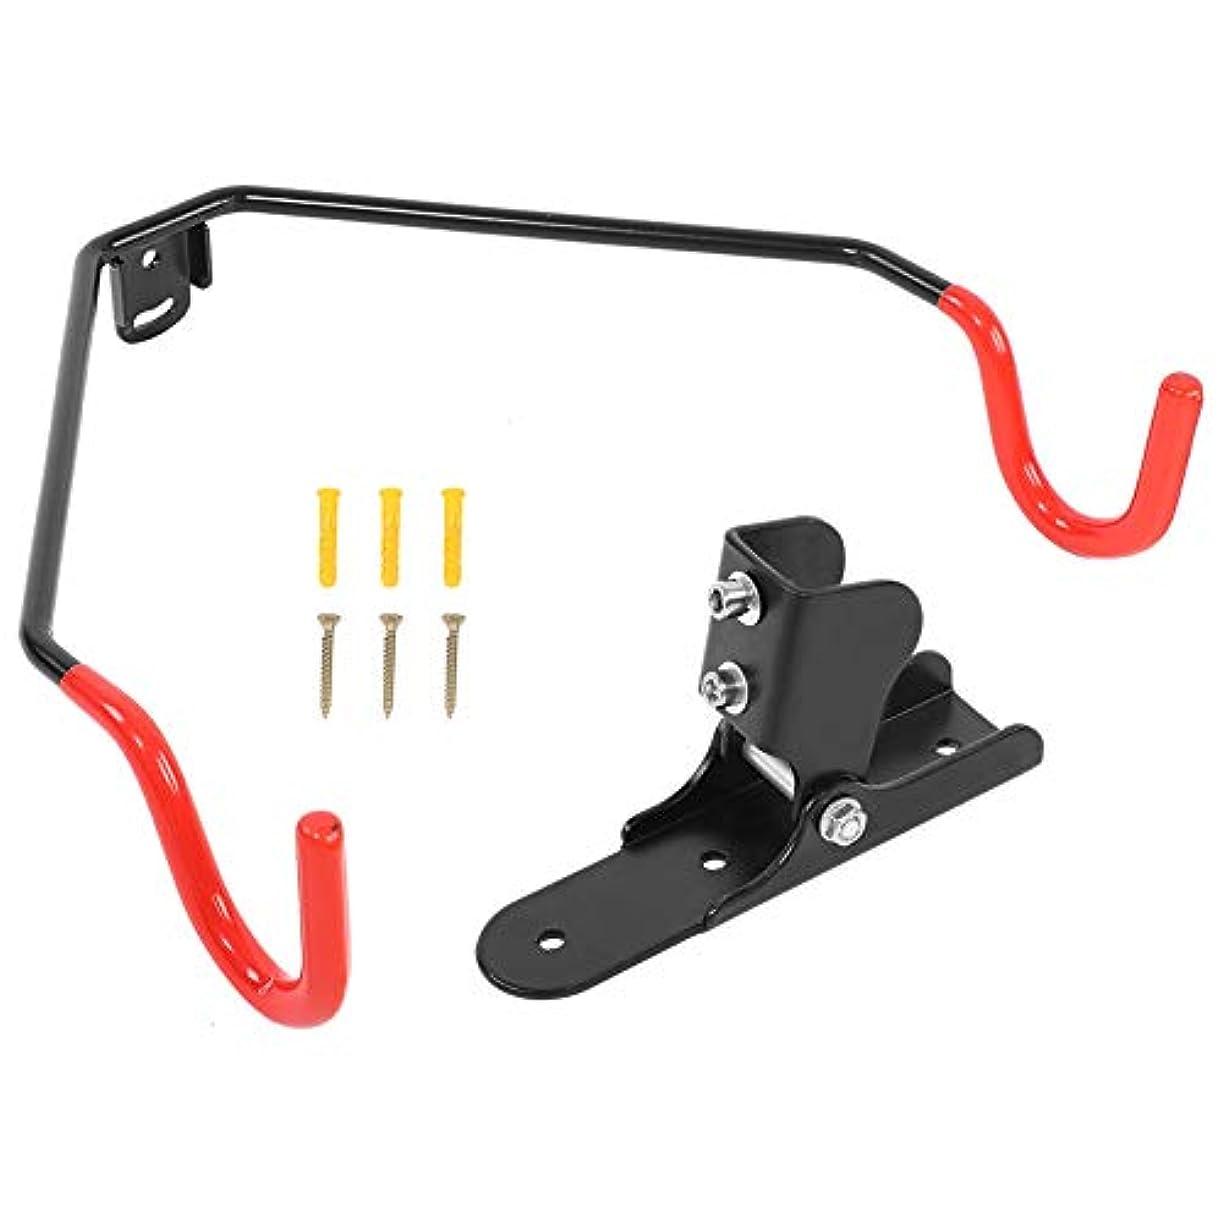 ロックコーヒー帳面自転車フック 自転車収納フック 自転車壁掛け フック 滑り止め 調節可能 ハードワークショップ付き 高強度 高い軸受け